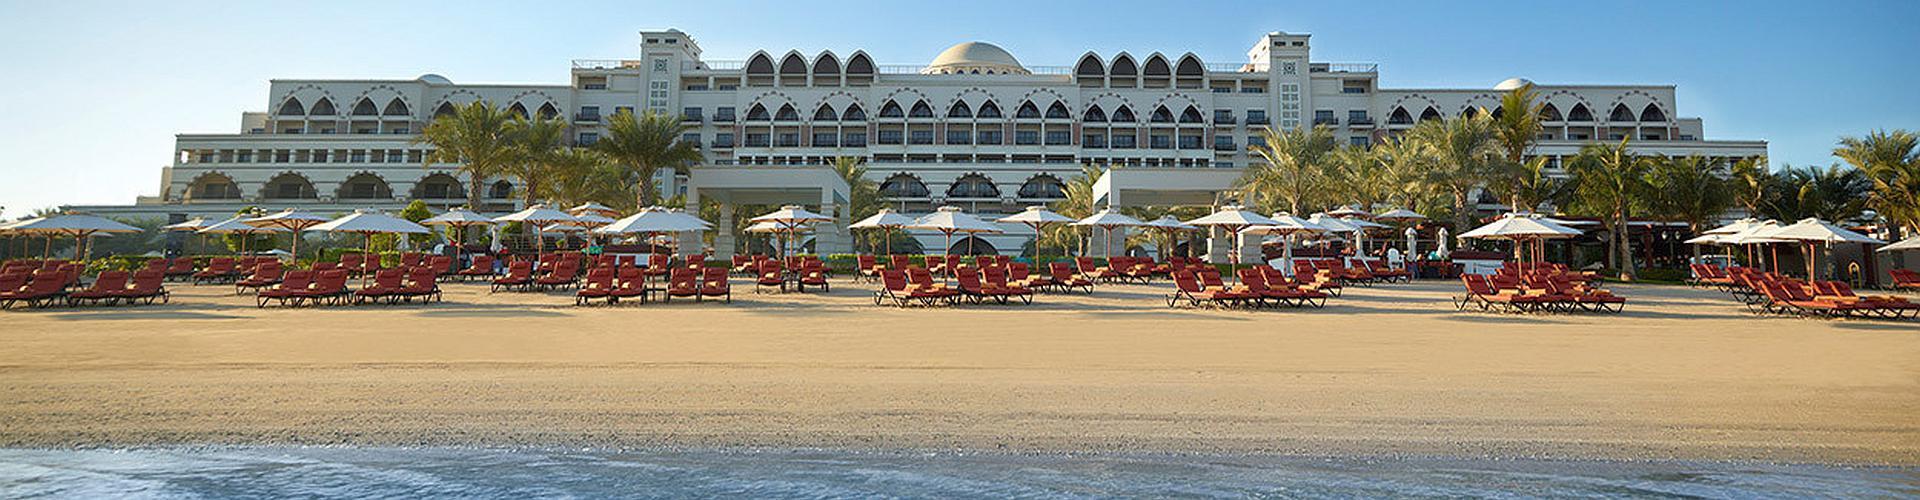 Jumeirah Zabeel Saray, Dubai Palme